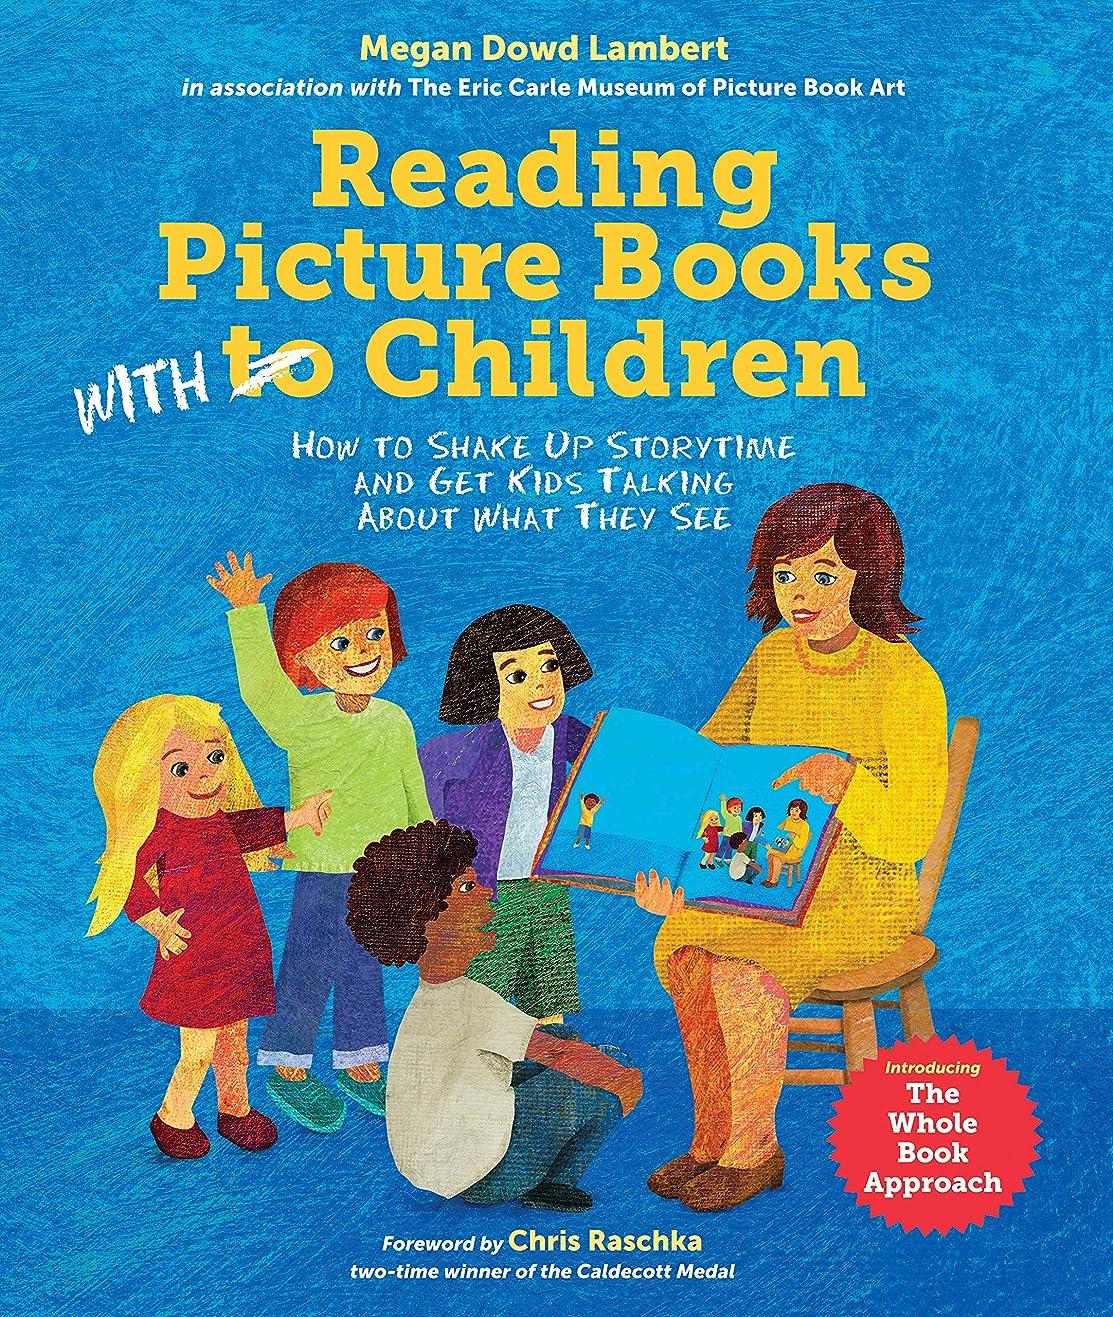 マーチャンダイザー夜明け郵便物Reading Picture Books with Children: How to Shake Up Storytime and Get Kids Talking about What They See (English Edition)